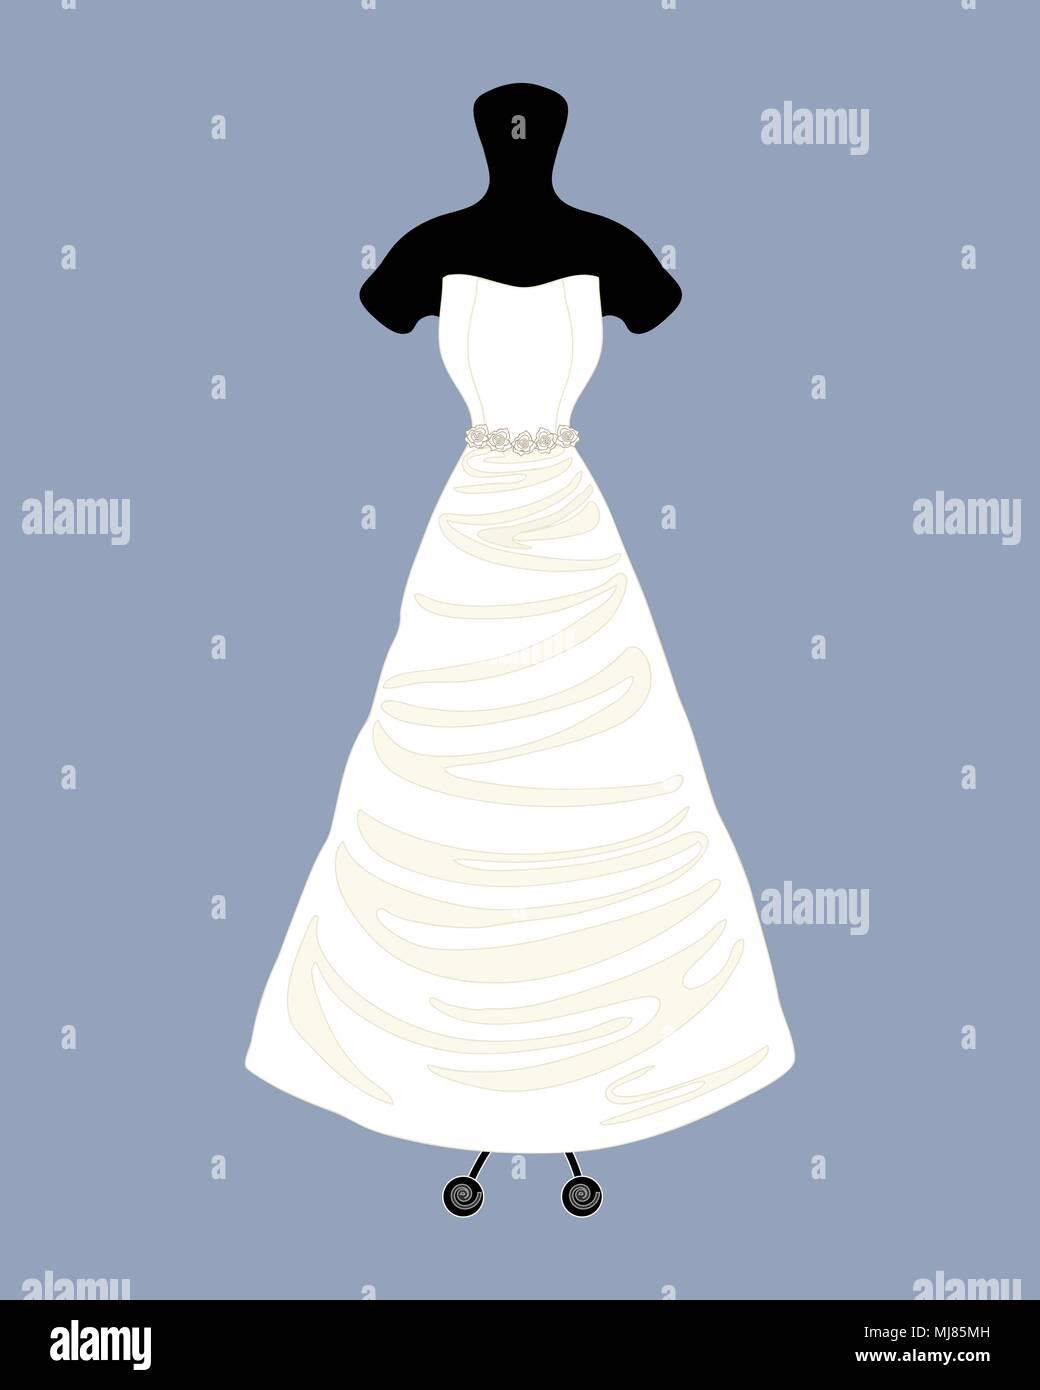 Una illustrazione vettoriale in formato eps 8 formato di un designer di Bellissimo abito da sposa in un abito di linel stile con un mantello completo su uno sfondo blu Immagini Stock